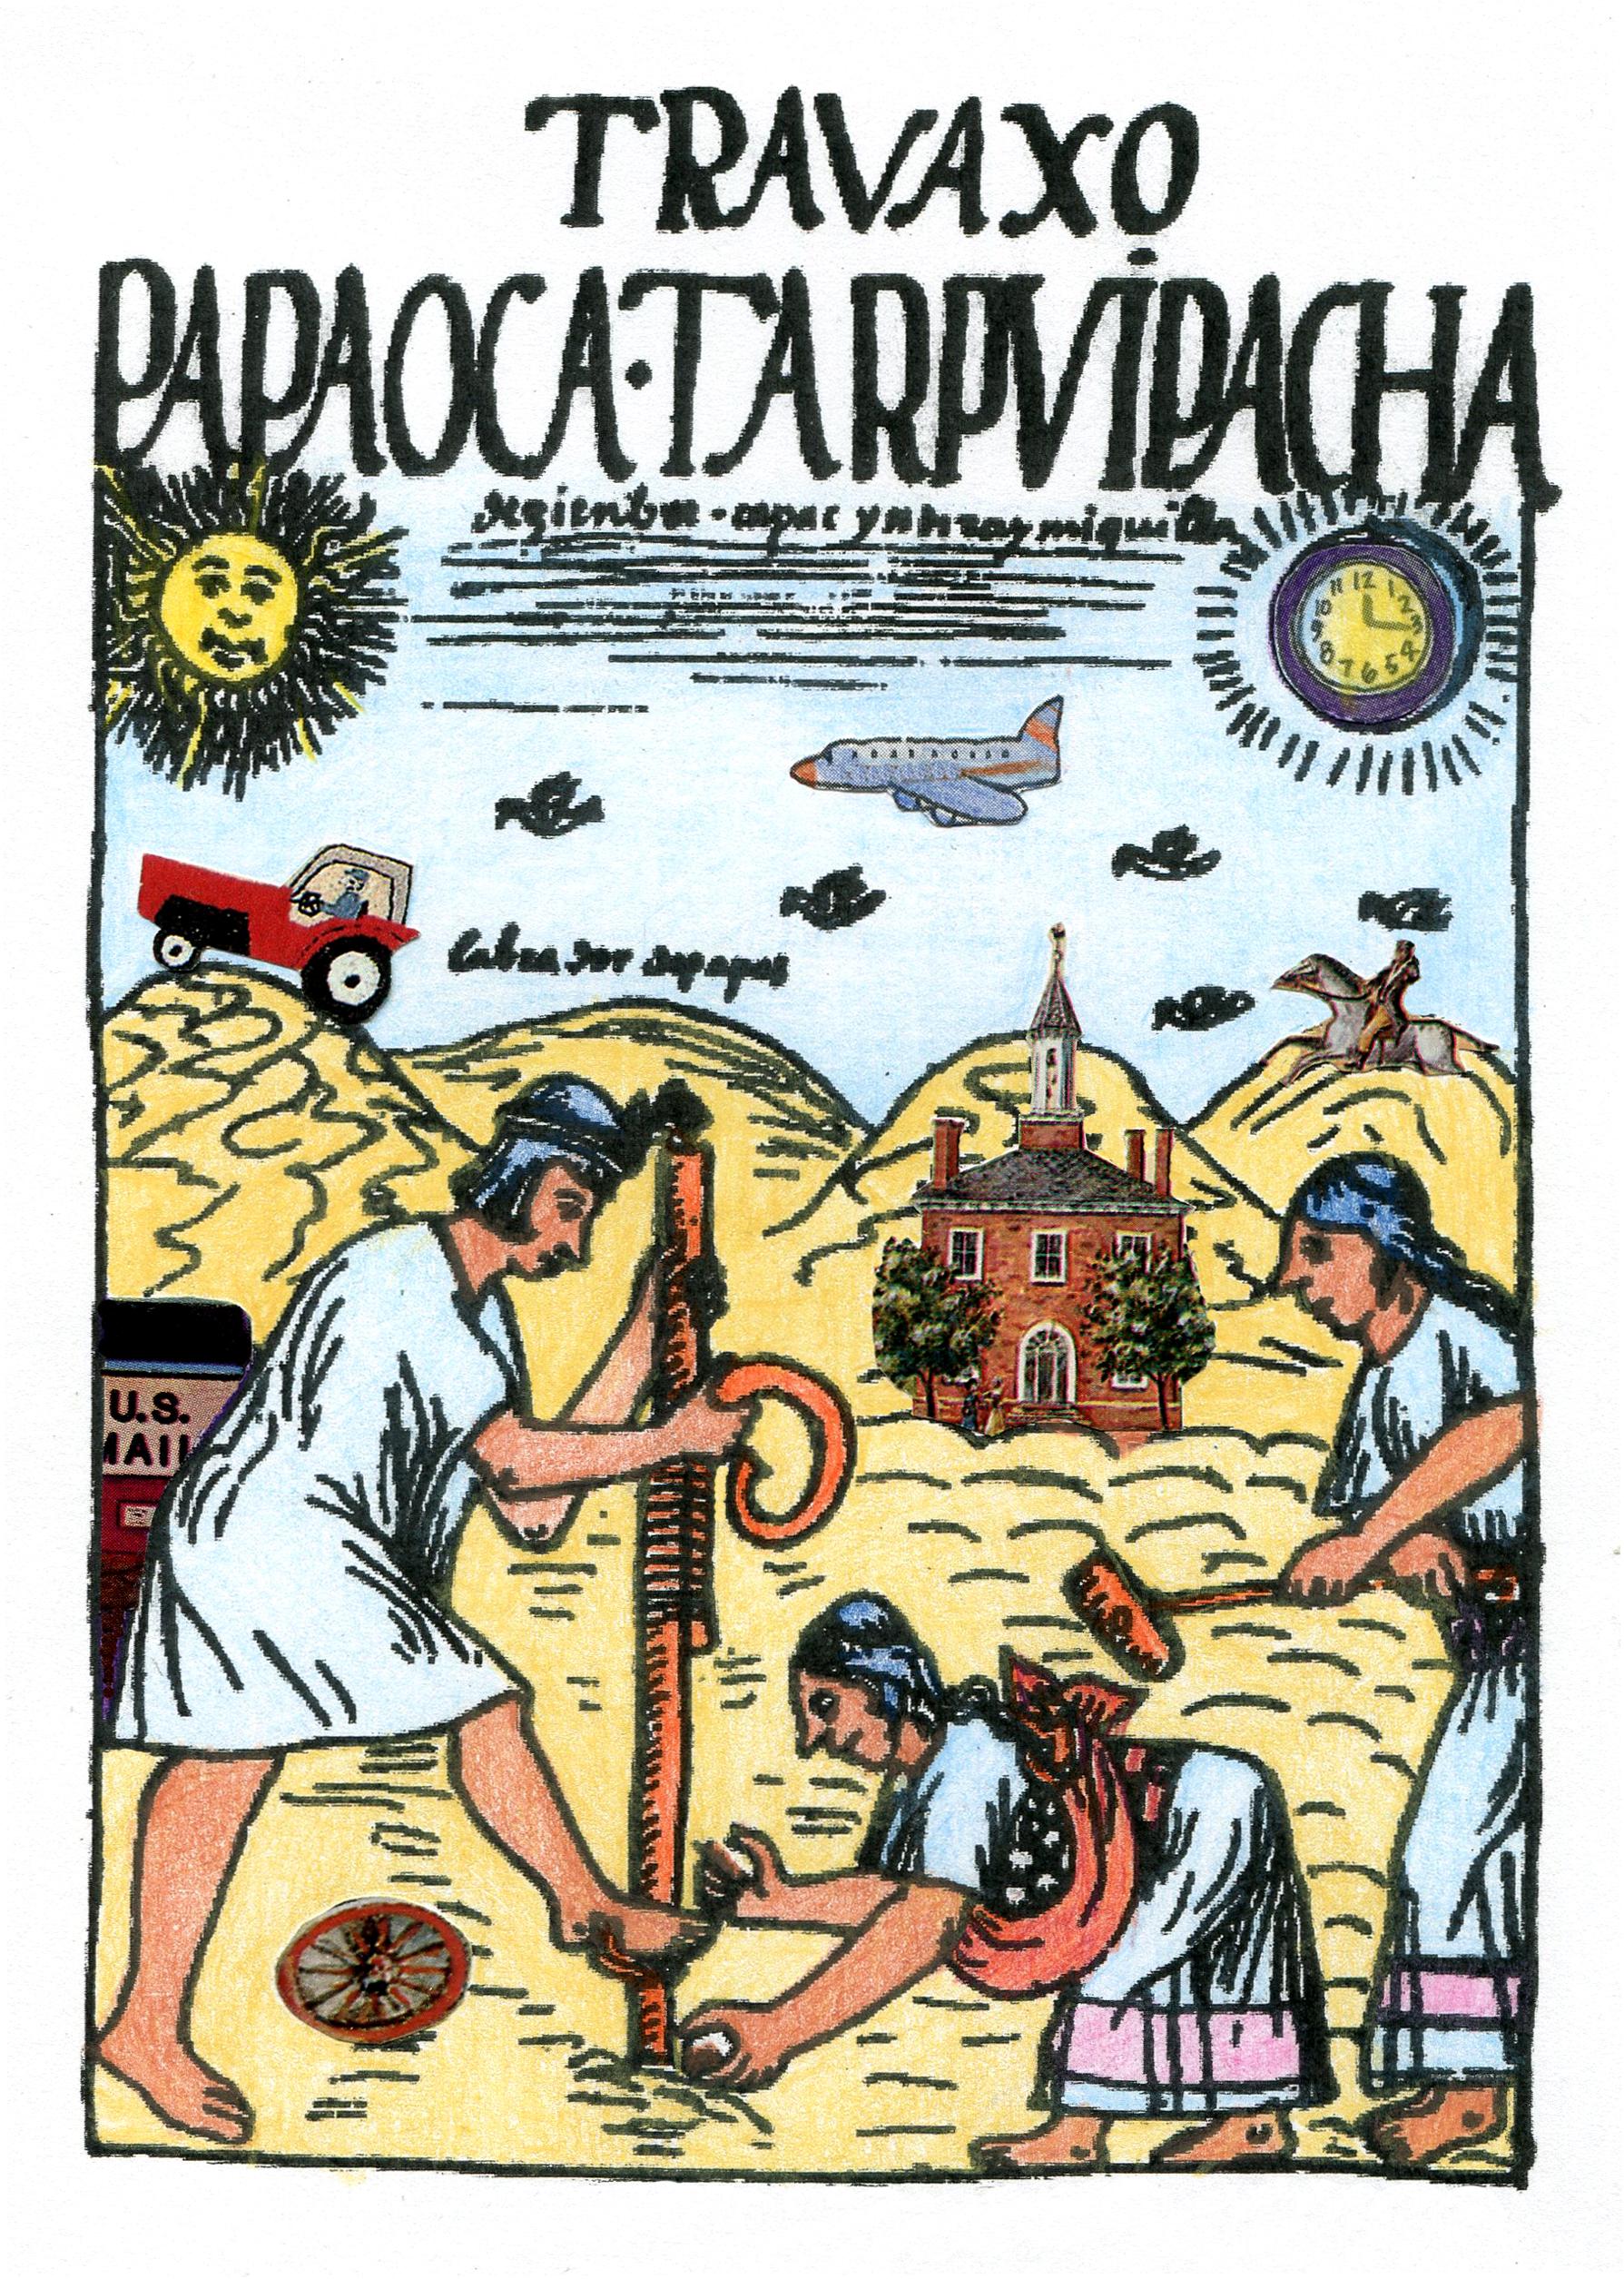 <strong>Felipe Guam&aacute;n Poma de Ayala</strong> (1534-1615) document&oacute; en su dibujo c&oacute;mo las mujeres quechuas sembraban las papas. Ellas tambi&eacute;n eran las encargadas de conservar las semillas.<br />Pero en esta ilustraci&oacute;n hay 7 elementos extra&ntilde;os. &iquest;Cu&aacute;les son?<br />&nbsp;